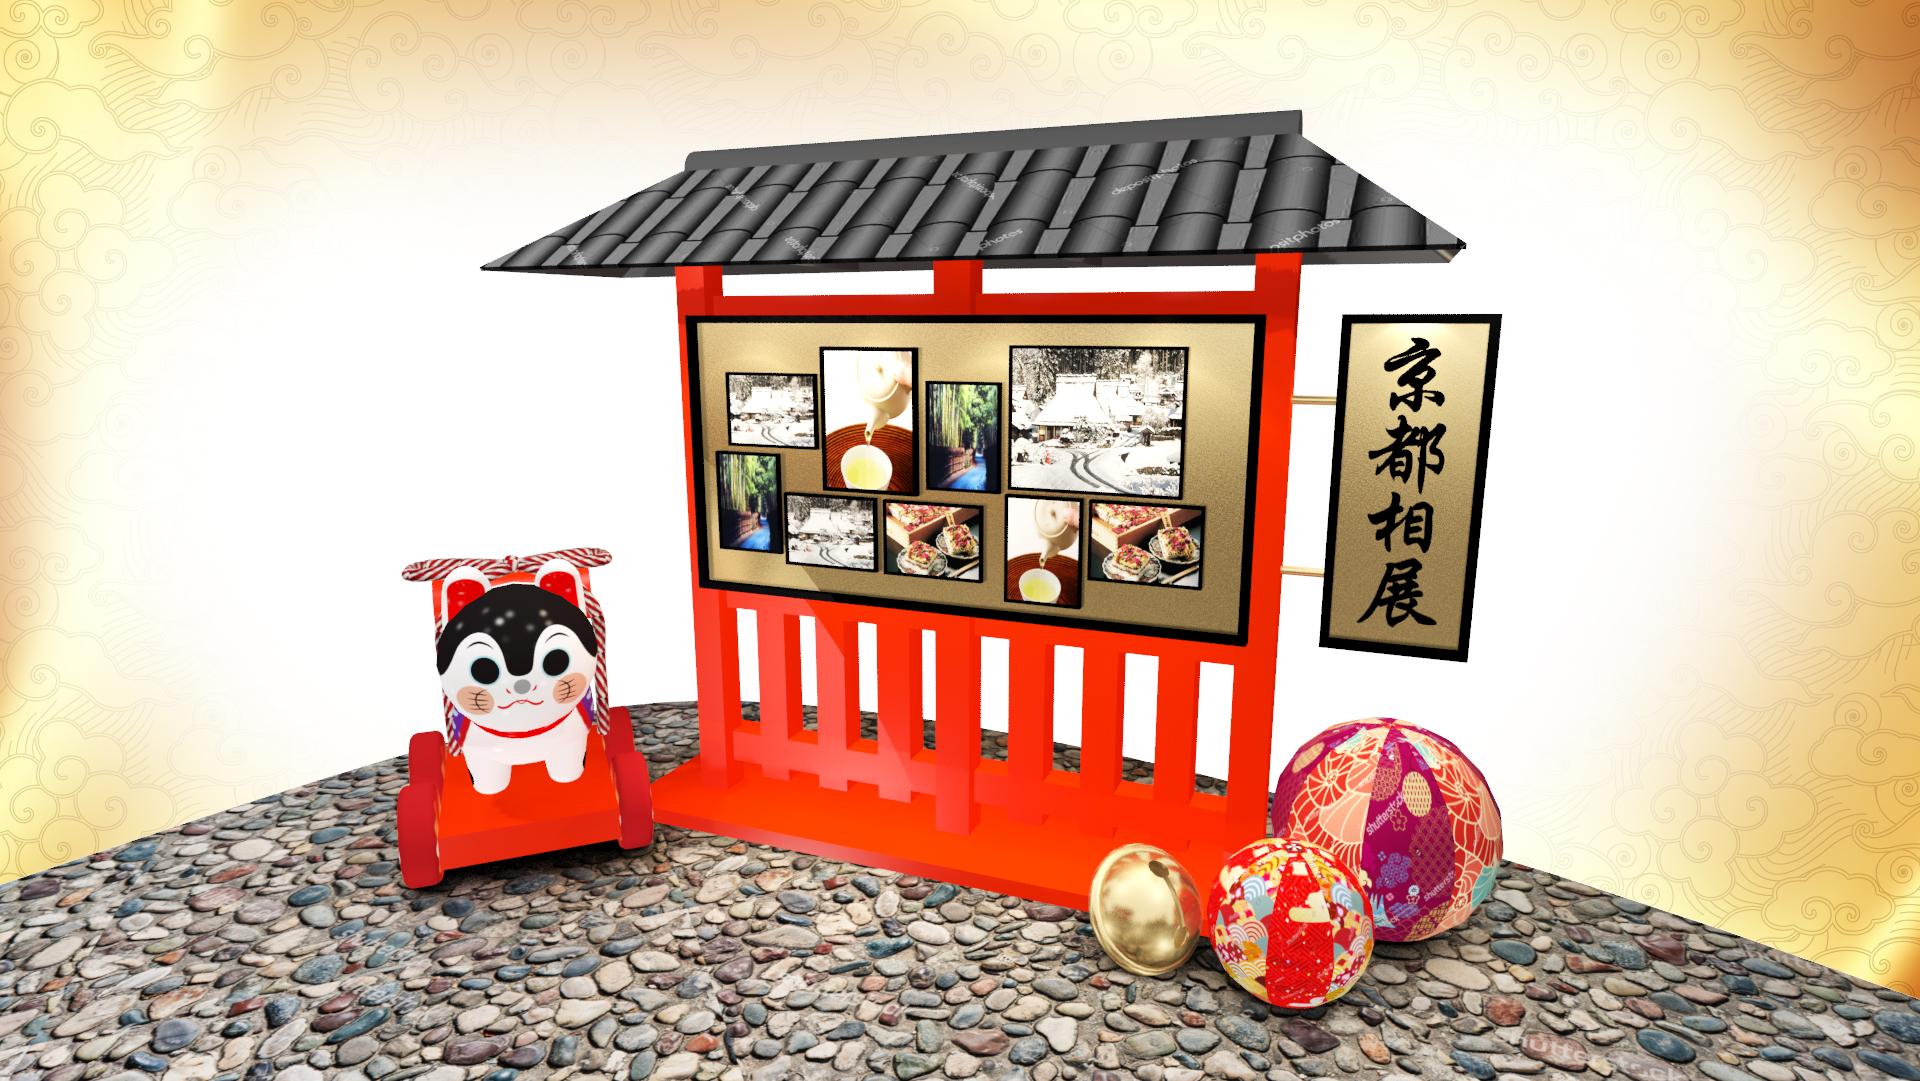 2018年是狗年,找來源自江戶時代的守護犬造型〈犬張子〉來做主角,2隻1米高的犬張子分別擺放於神社以及相展前,是守護懷孕婦女及新生孩子的福氣擔當。 同時設立京都再發見相展,介紹4大京都主題區—海之京都、森之京都、茶之京都以及竹之里·乙訓,每個地區都充滿風情與各自特色,展示京都嶄新的魅力。